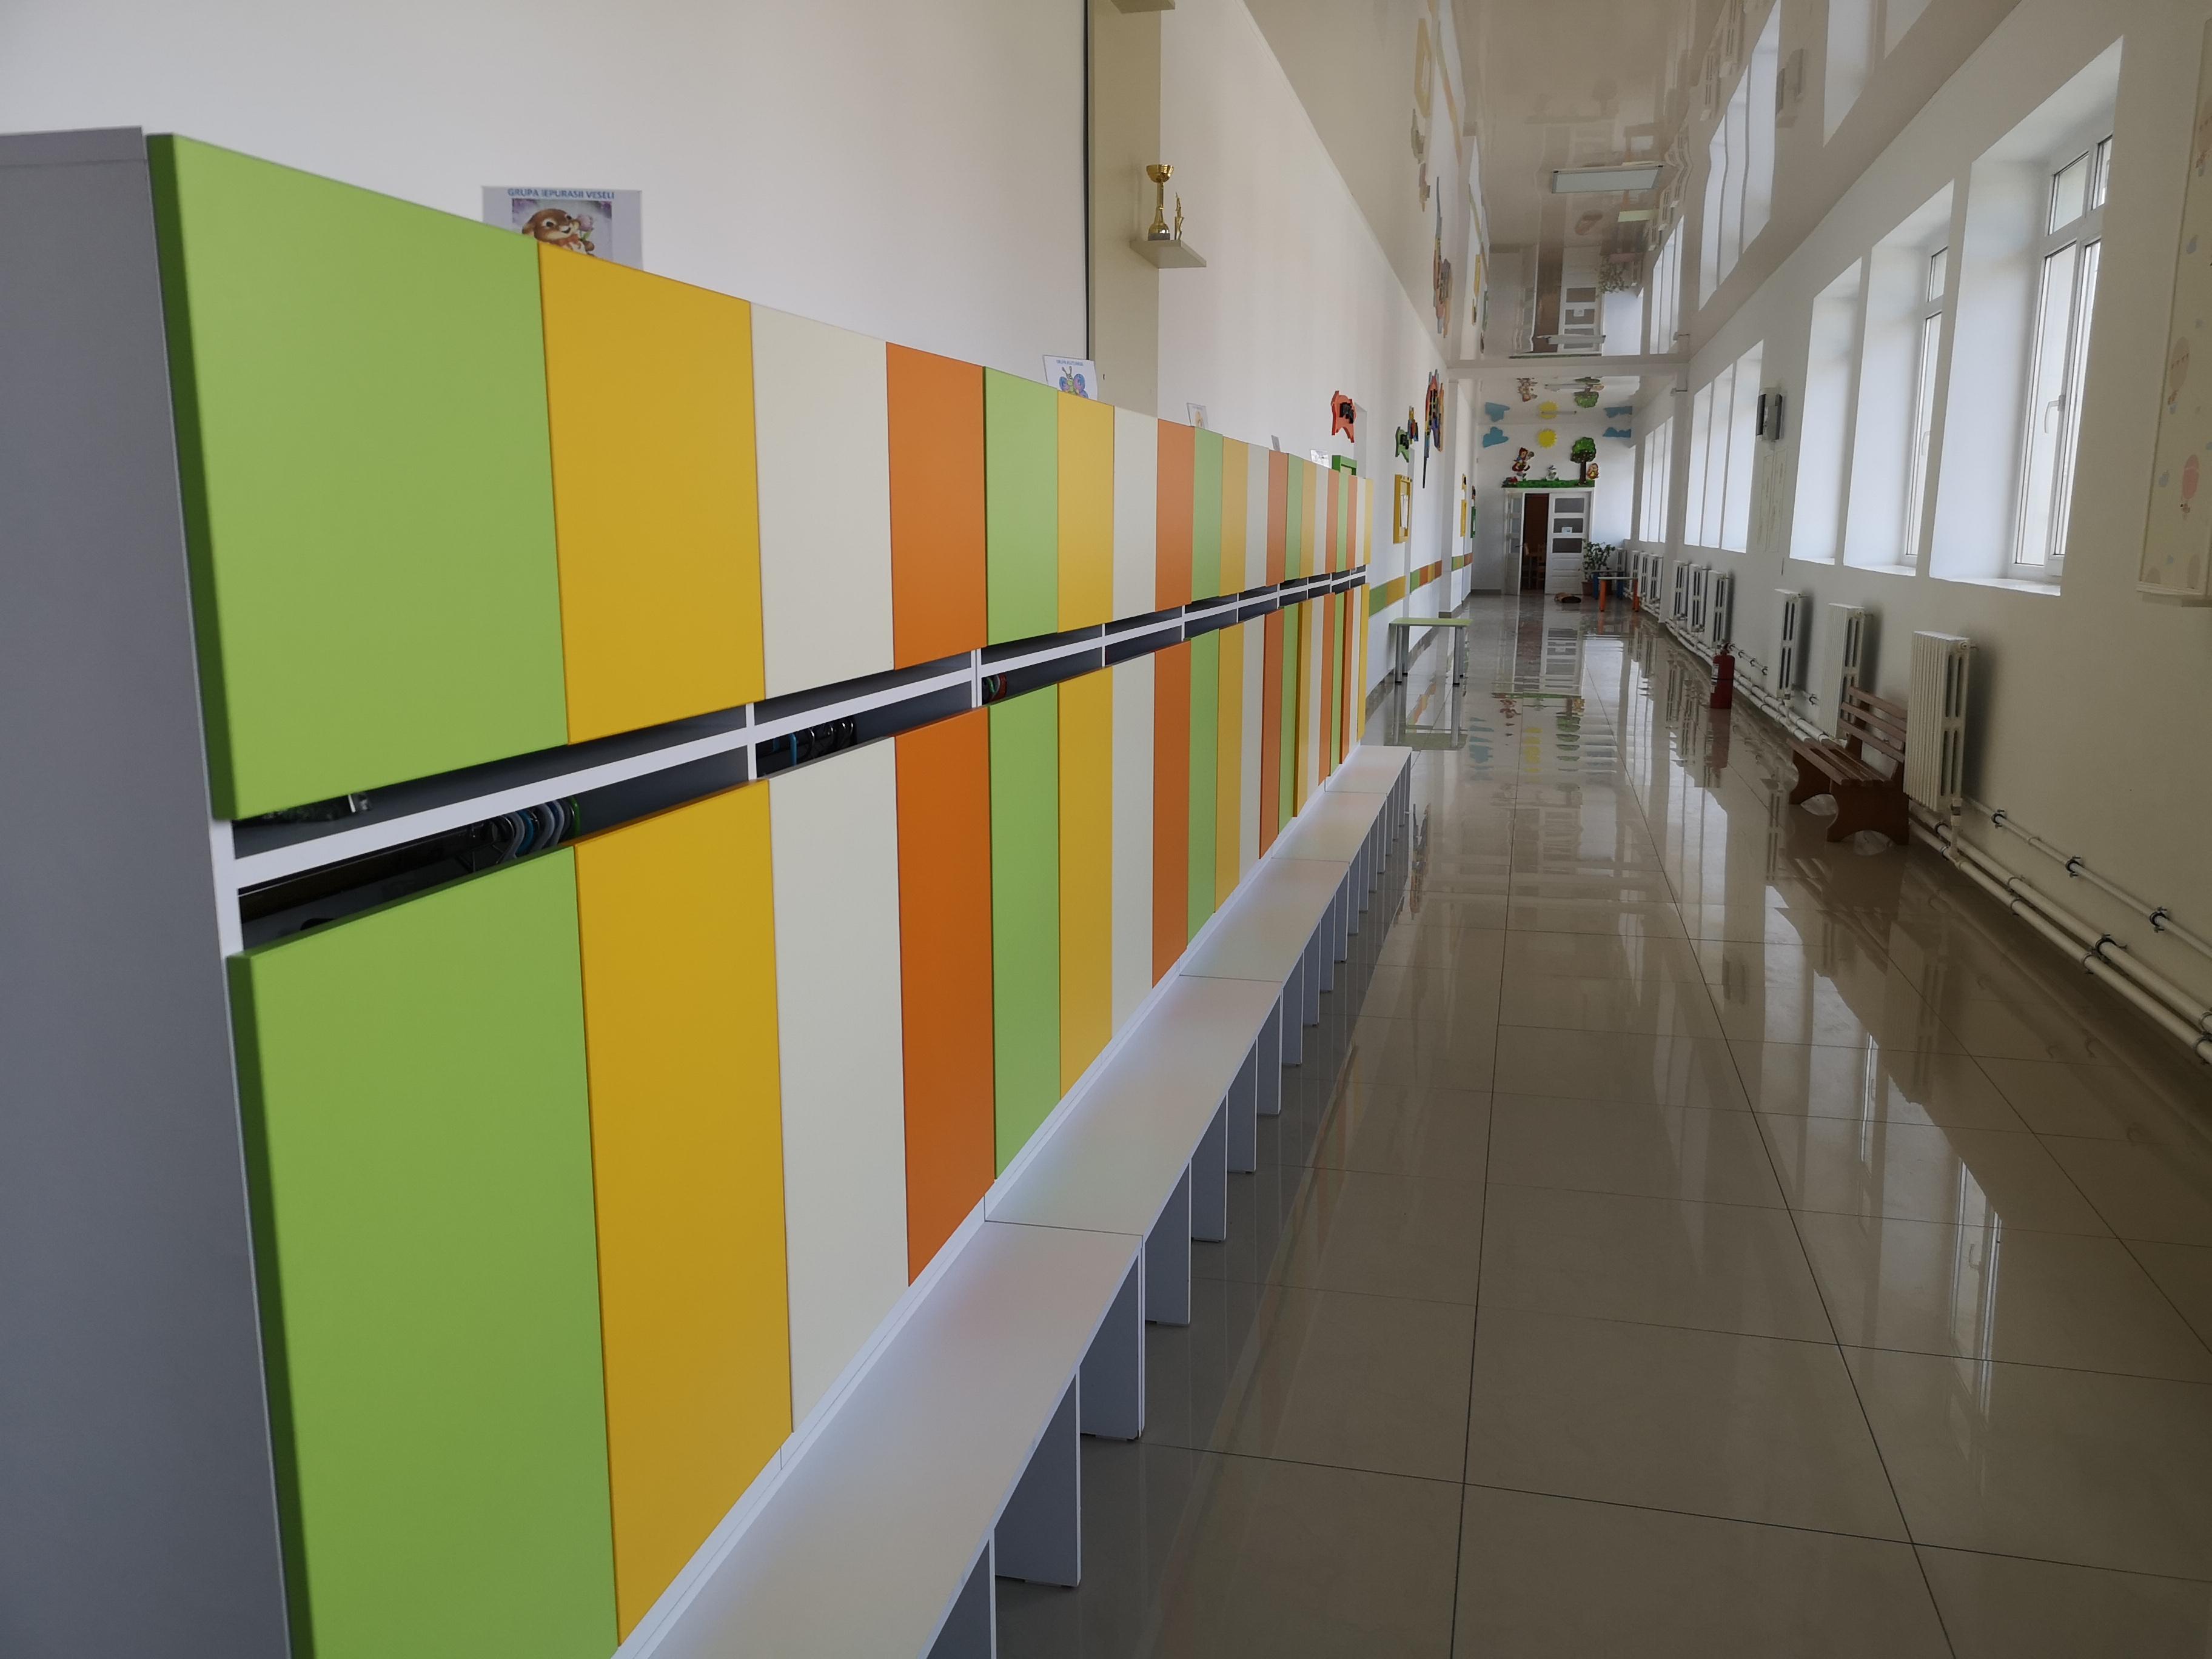 Lucrări de reabilitare și modernizare la Grădinița PP nr.2 din Constanța